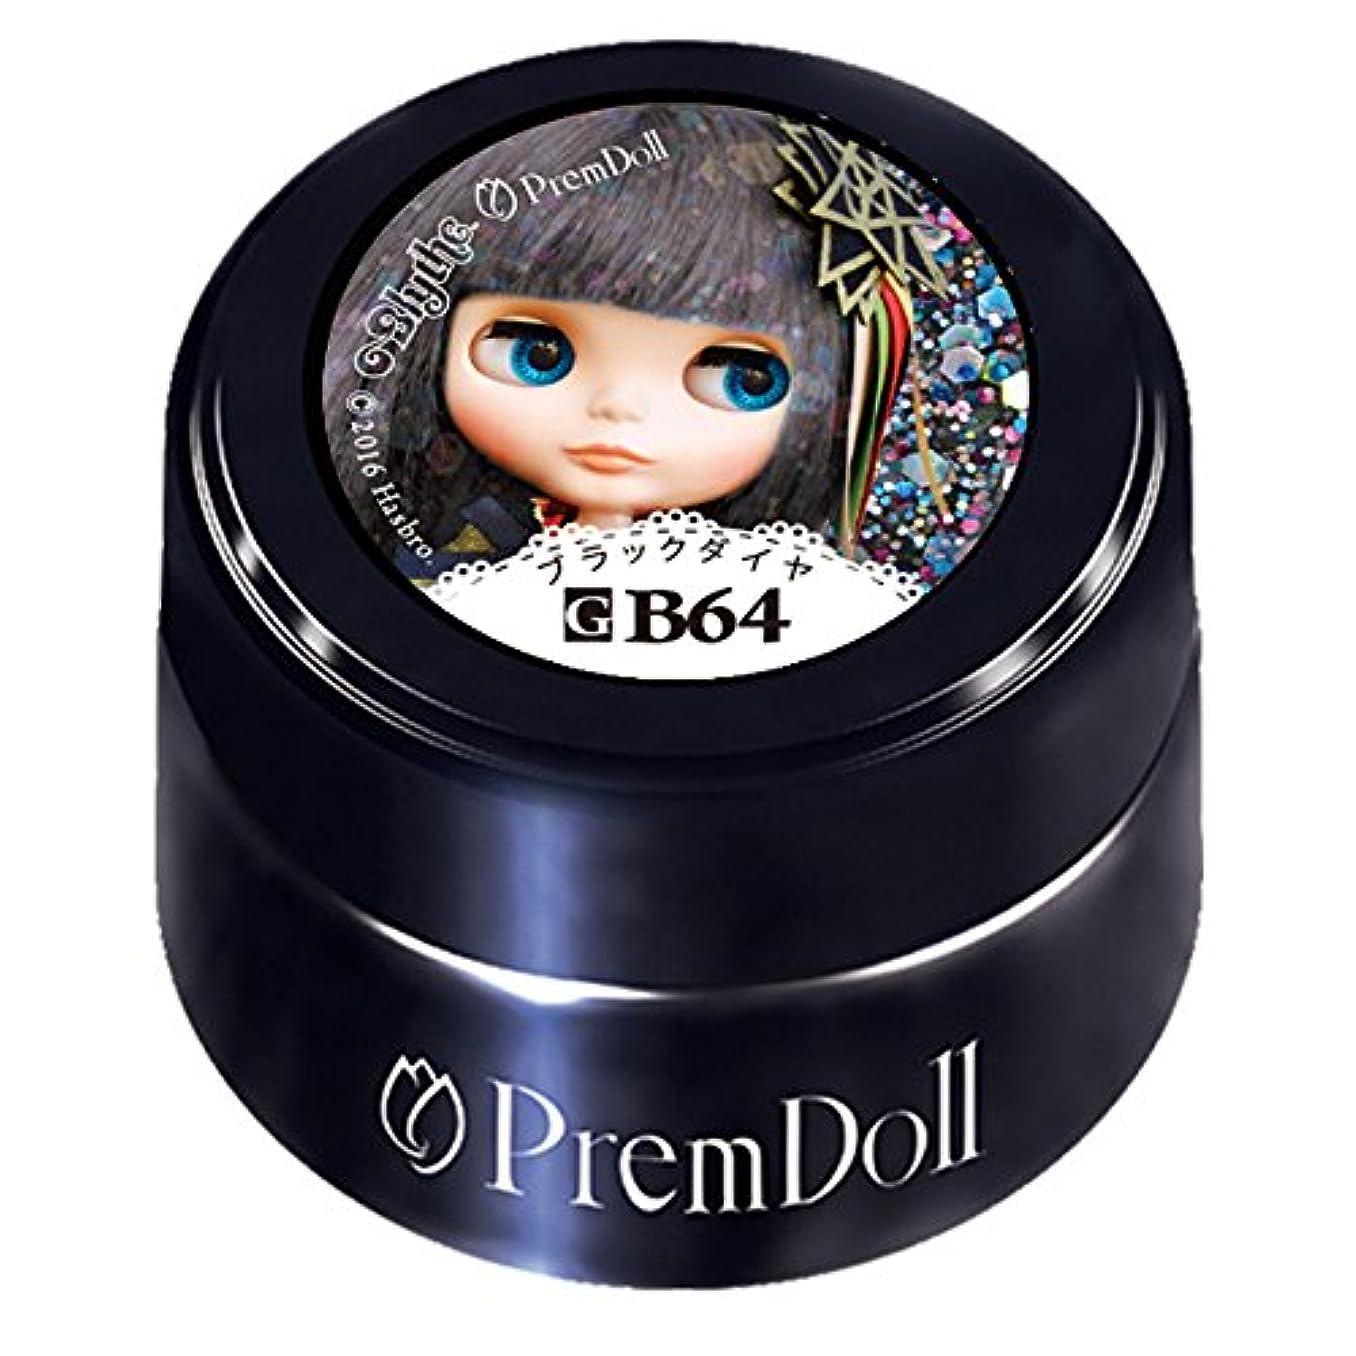 バレエ見込み賃金PRE GEL プリムドール ブラックダイヤB64 3g カラージェル UV/LED対応